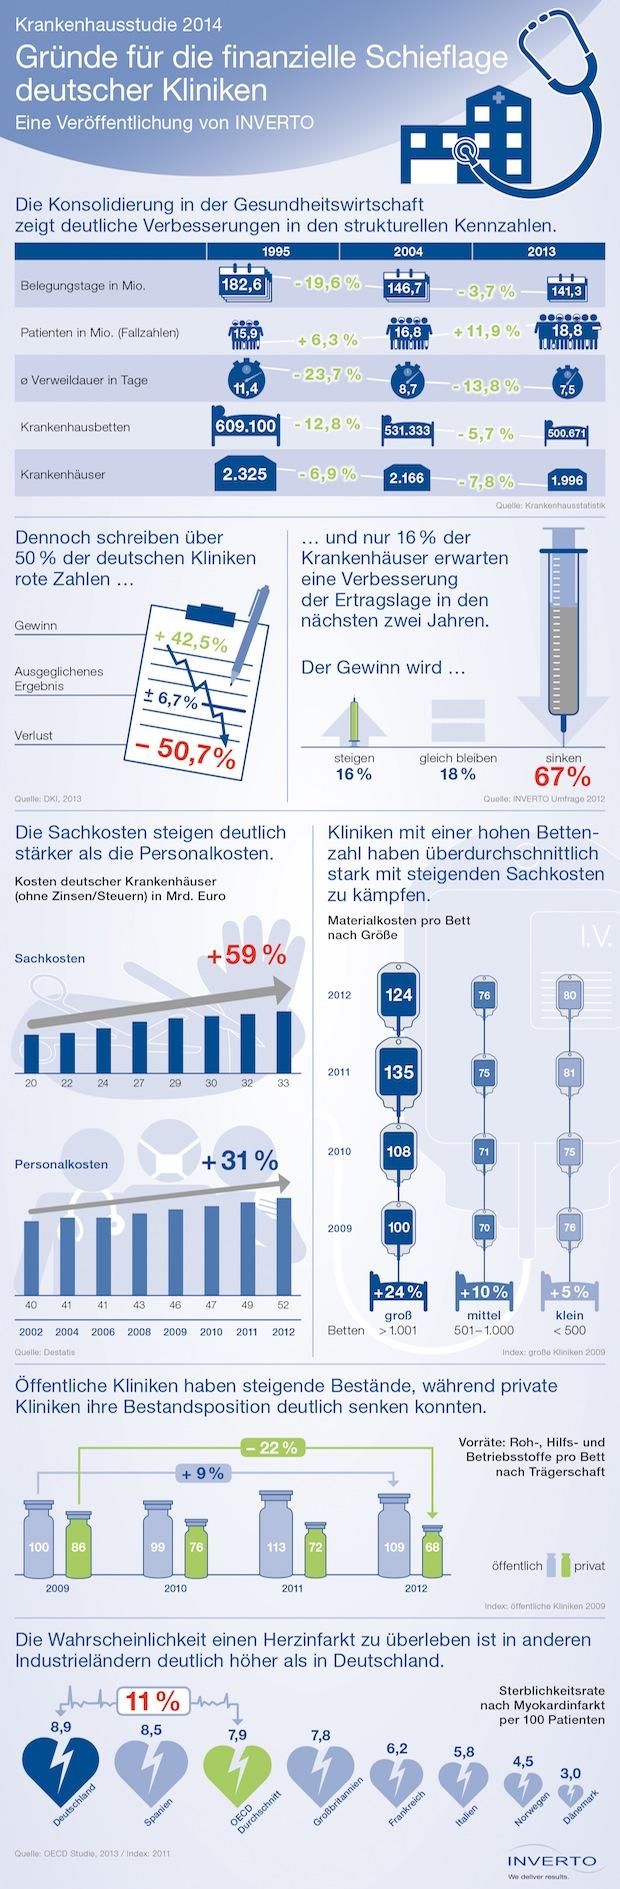 Bild von Finanzielle Schieflage deutscher Kliniken